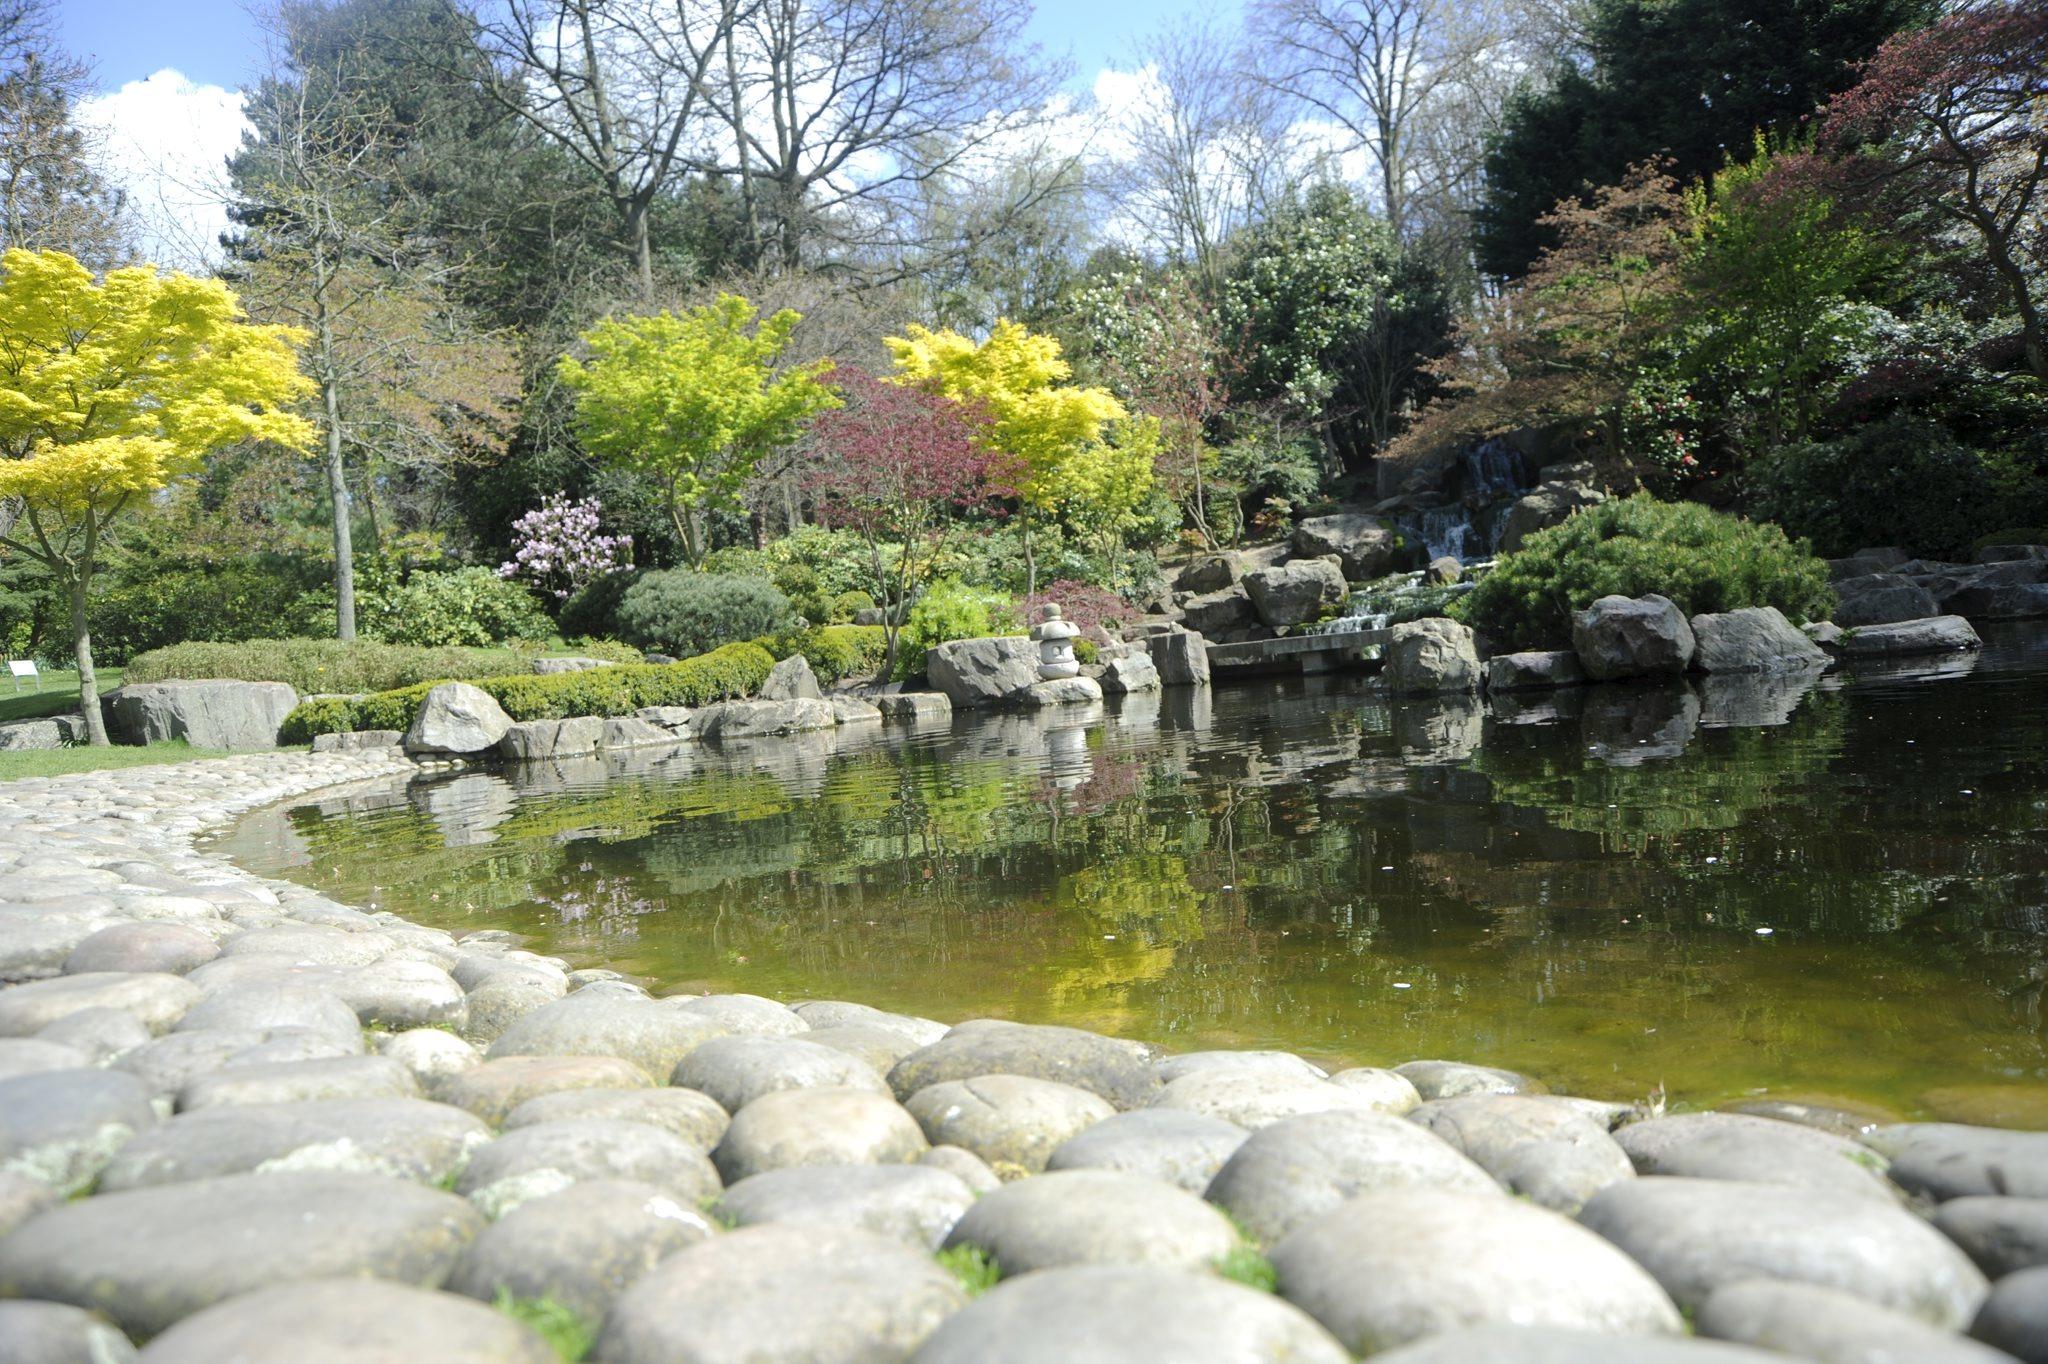 Holland Park's Kyoto Garden